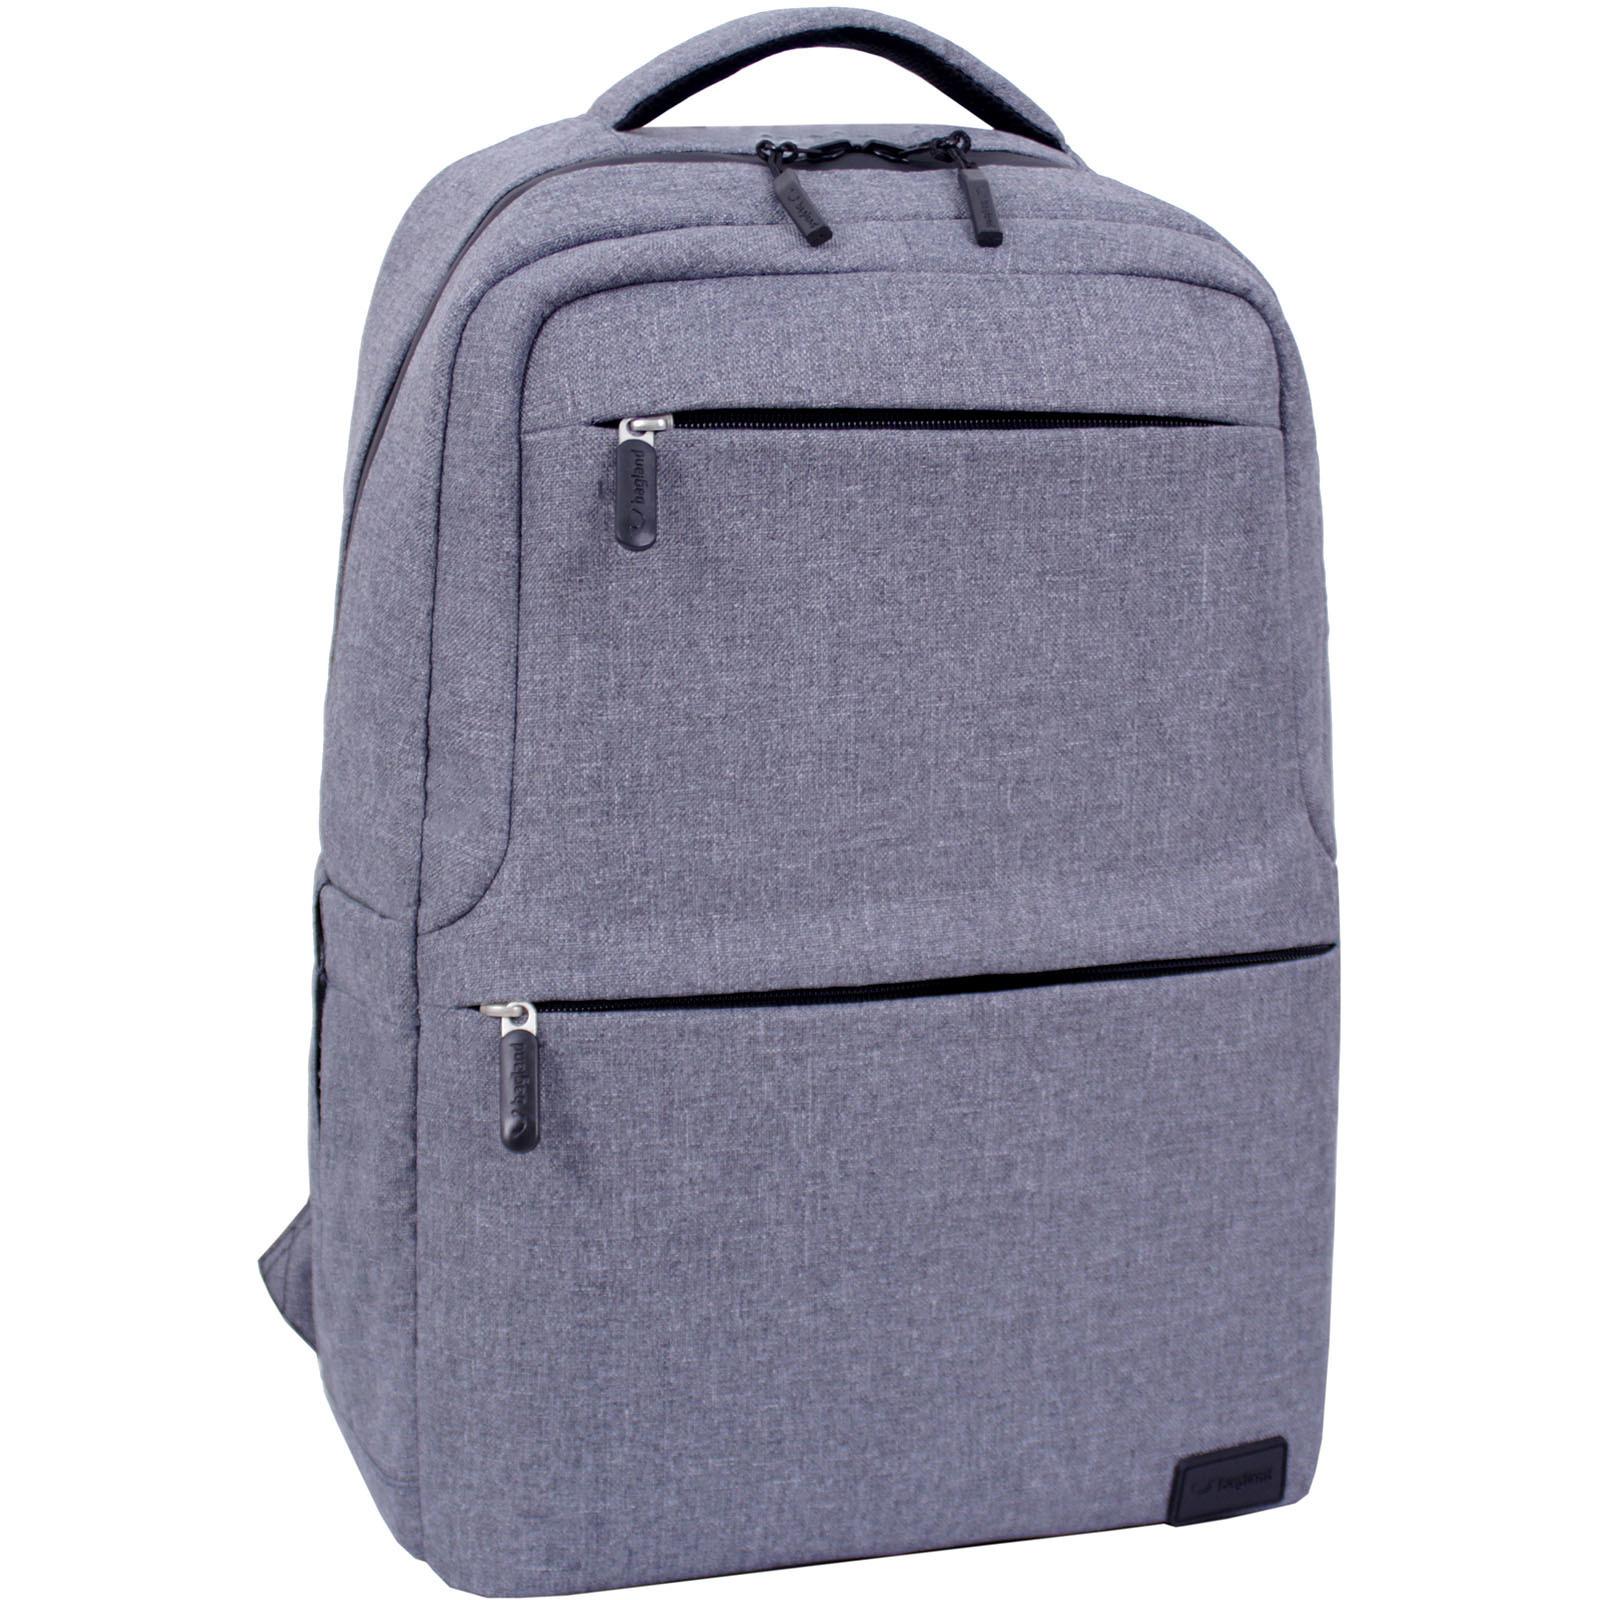 Городские рюкзаки Рюкзак Bagland Senior 17 л. серый (0013669) IMG_6738.JPG